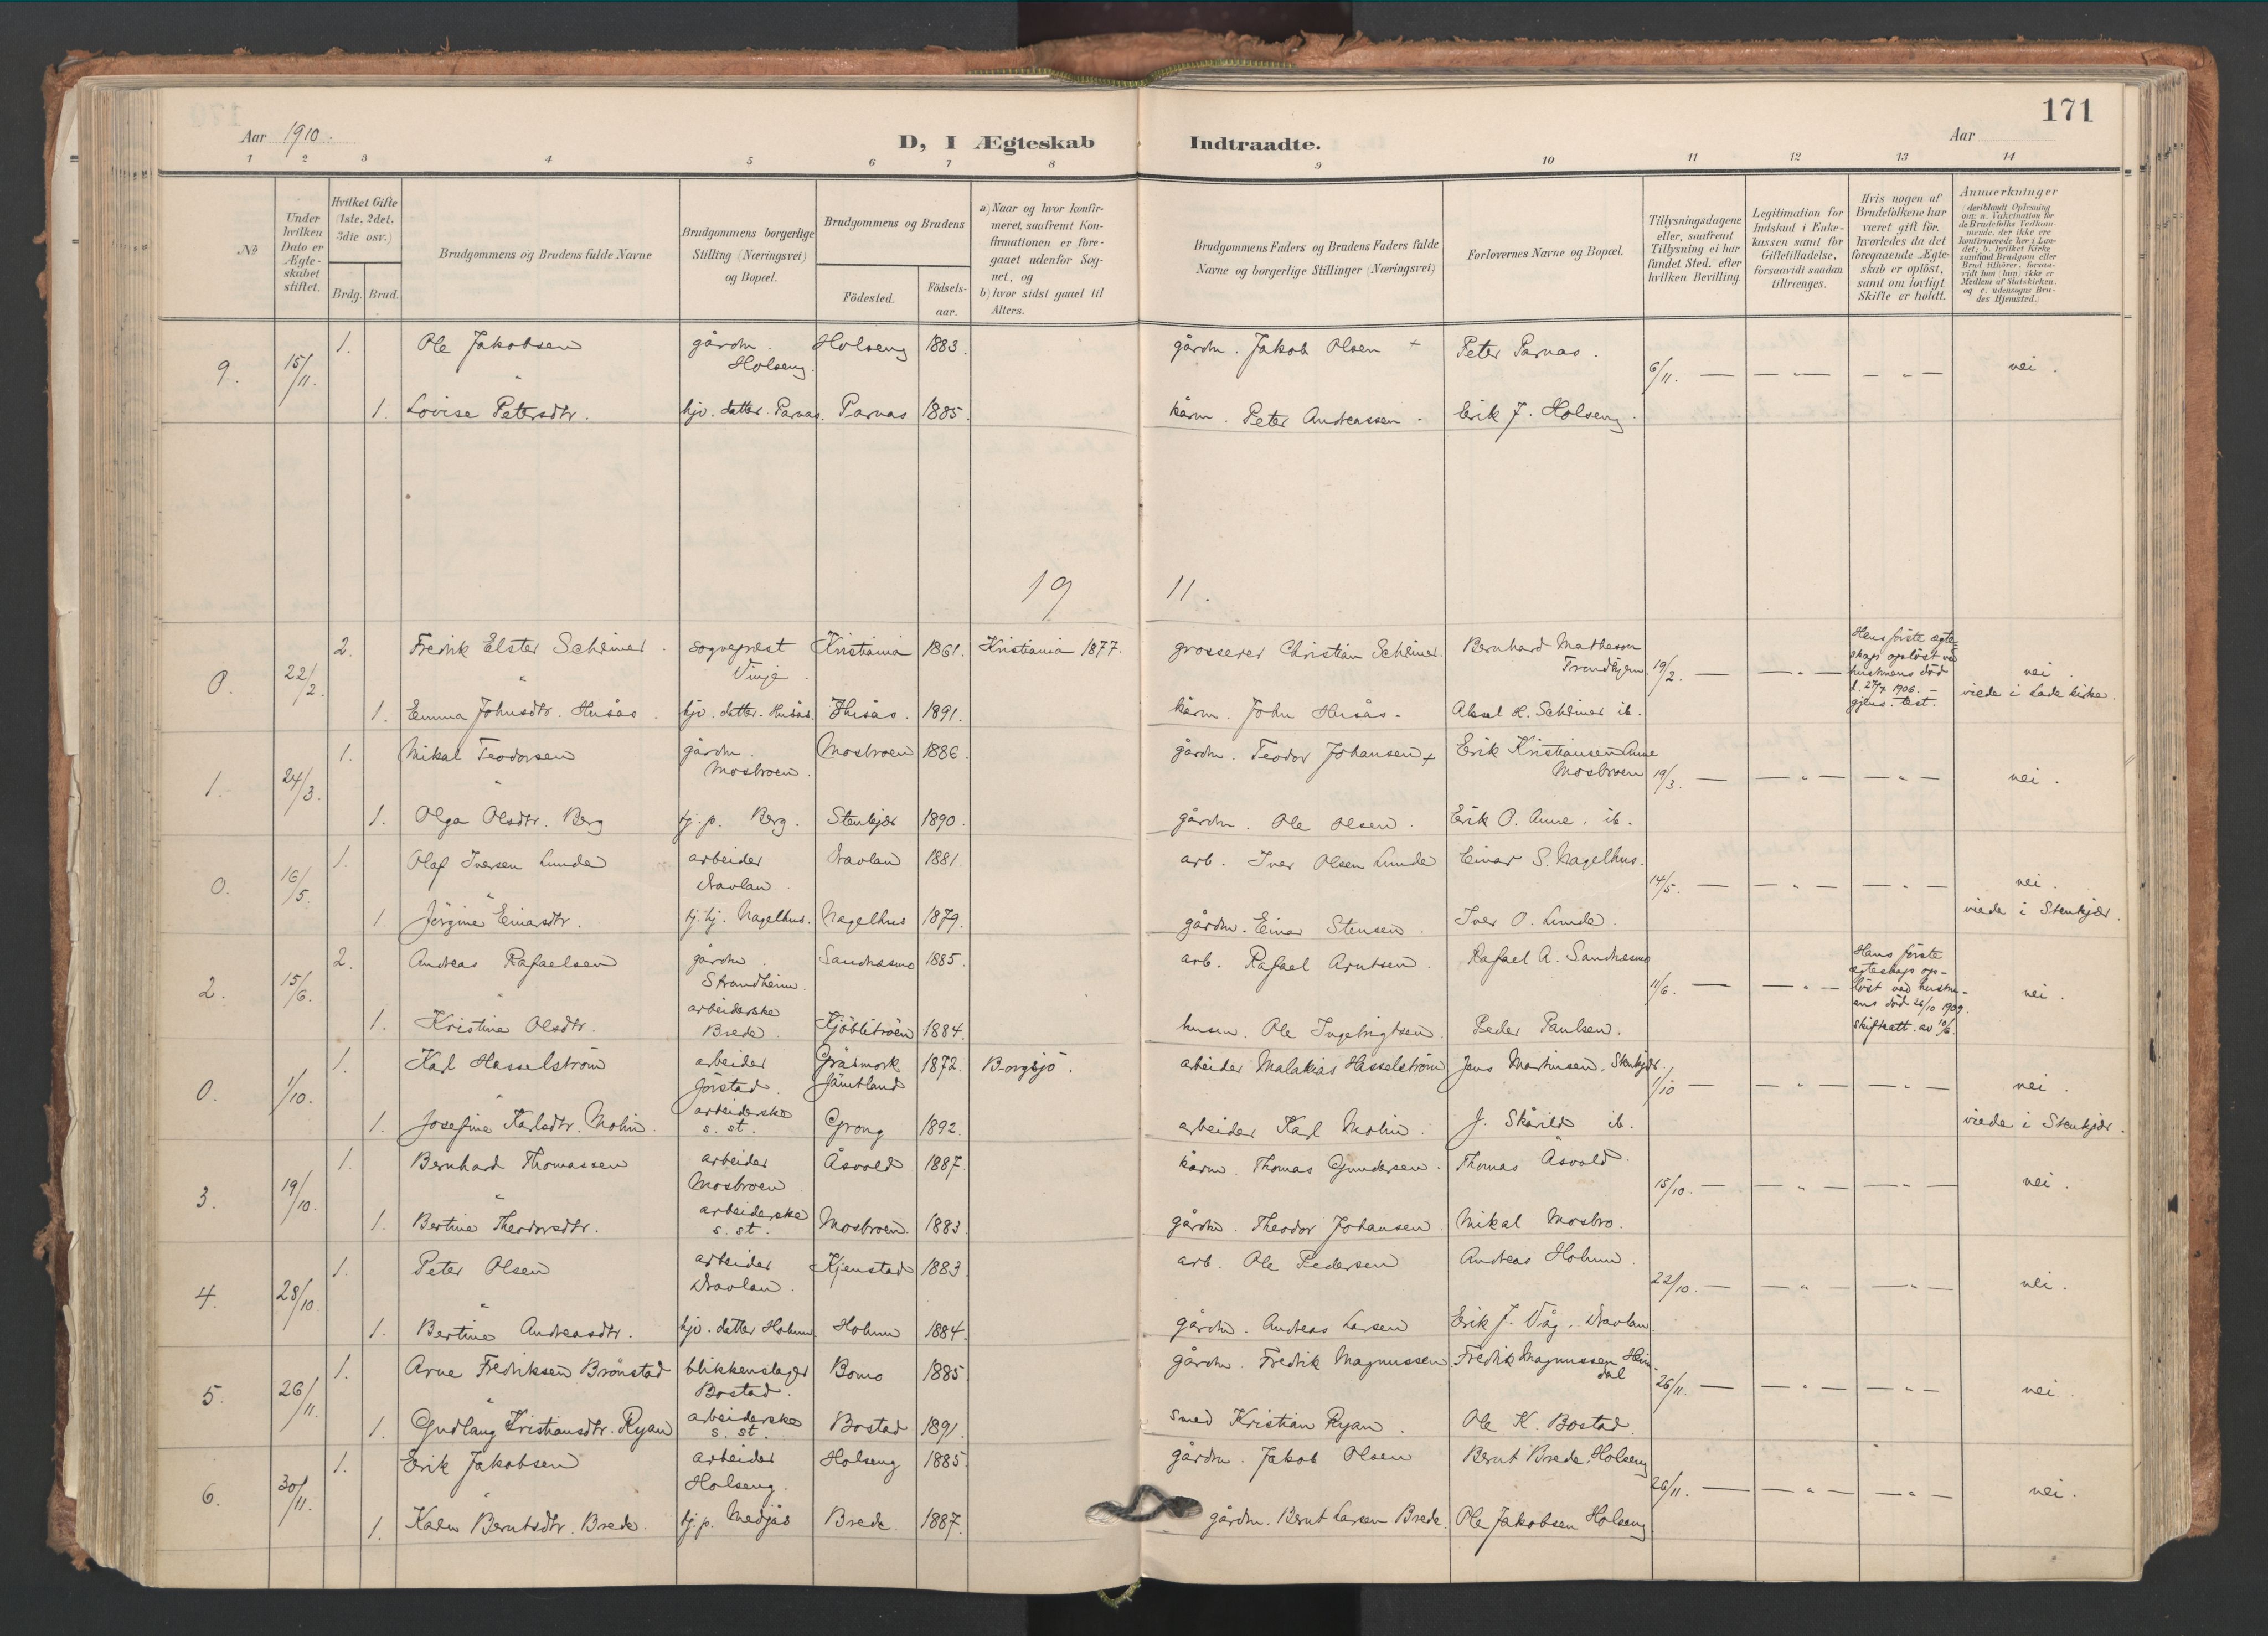 SAT, Ministerialprotokoller, klokkerbøker og fødselsregistre - Nord-Trøndelag, 749/L0477: Ministerialbok nr. 749A11, 1902-1927, s. 171